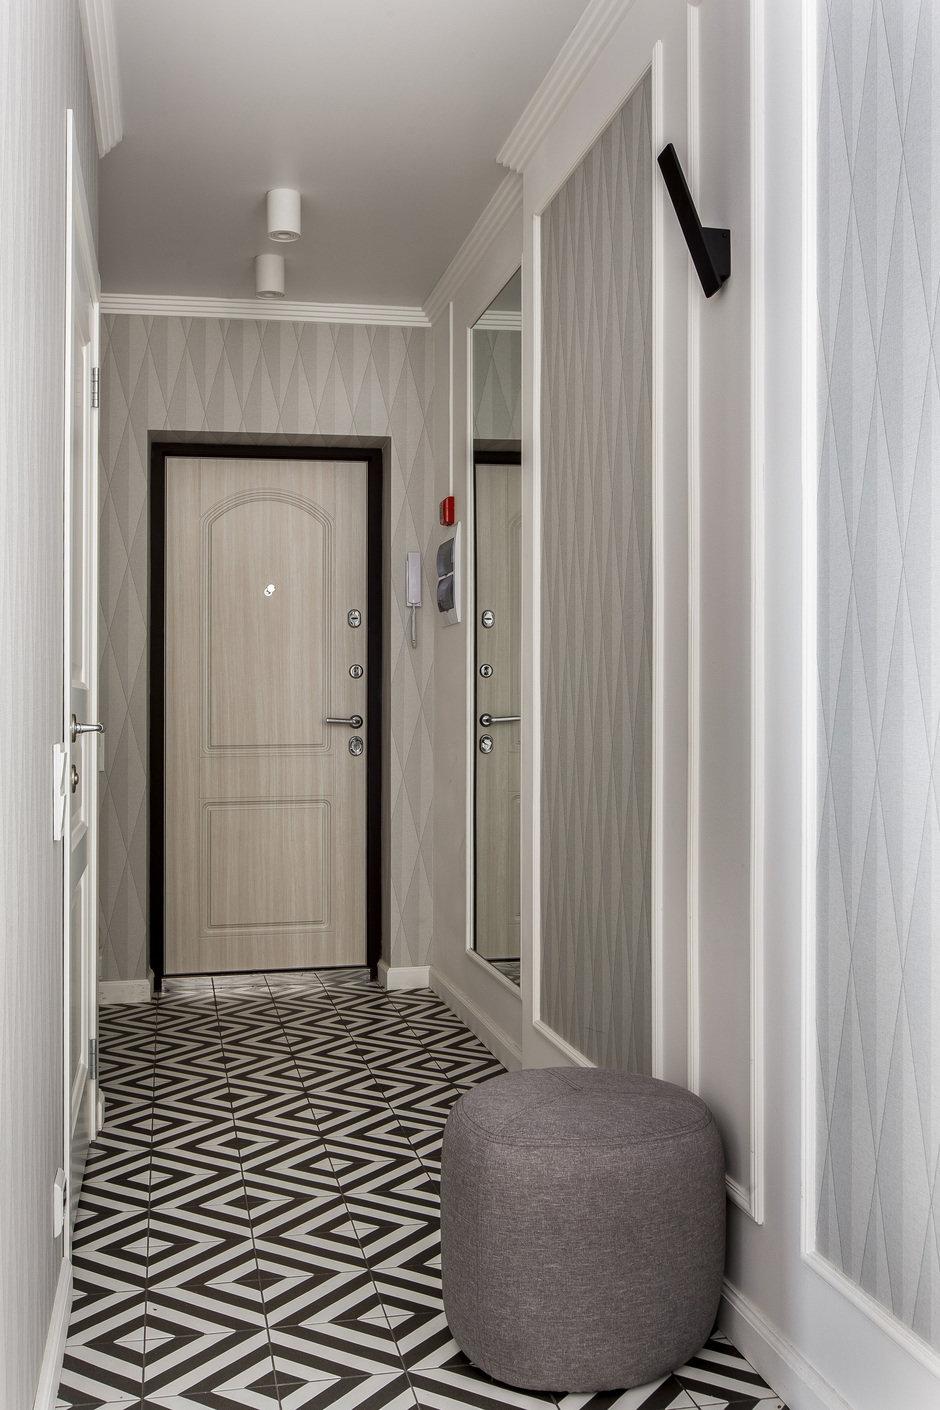 Фотография: Прихожая в стиле Современный, Квартира, Проект недели, Монолитный дом, 3 комнаты, 60-90 метров, Саратов, Quadrum Studio – фото на InMyRoom.ru